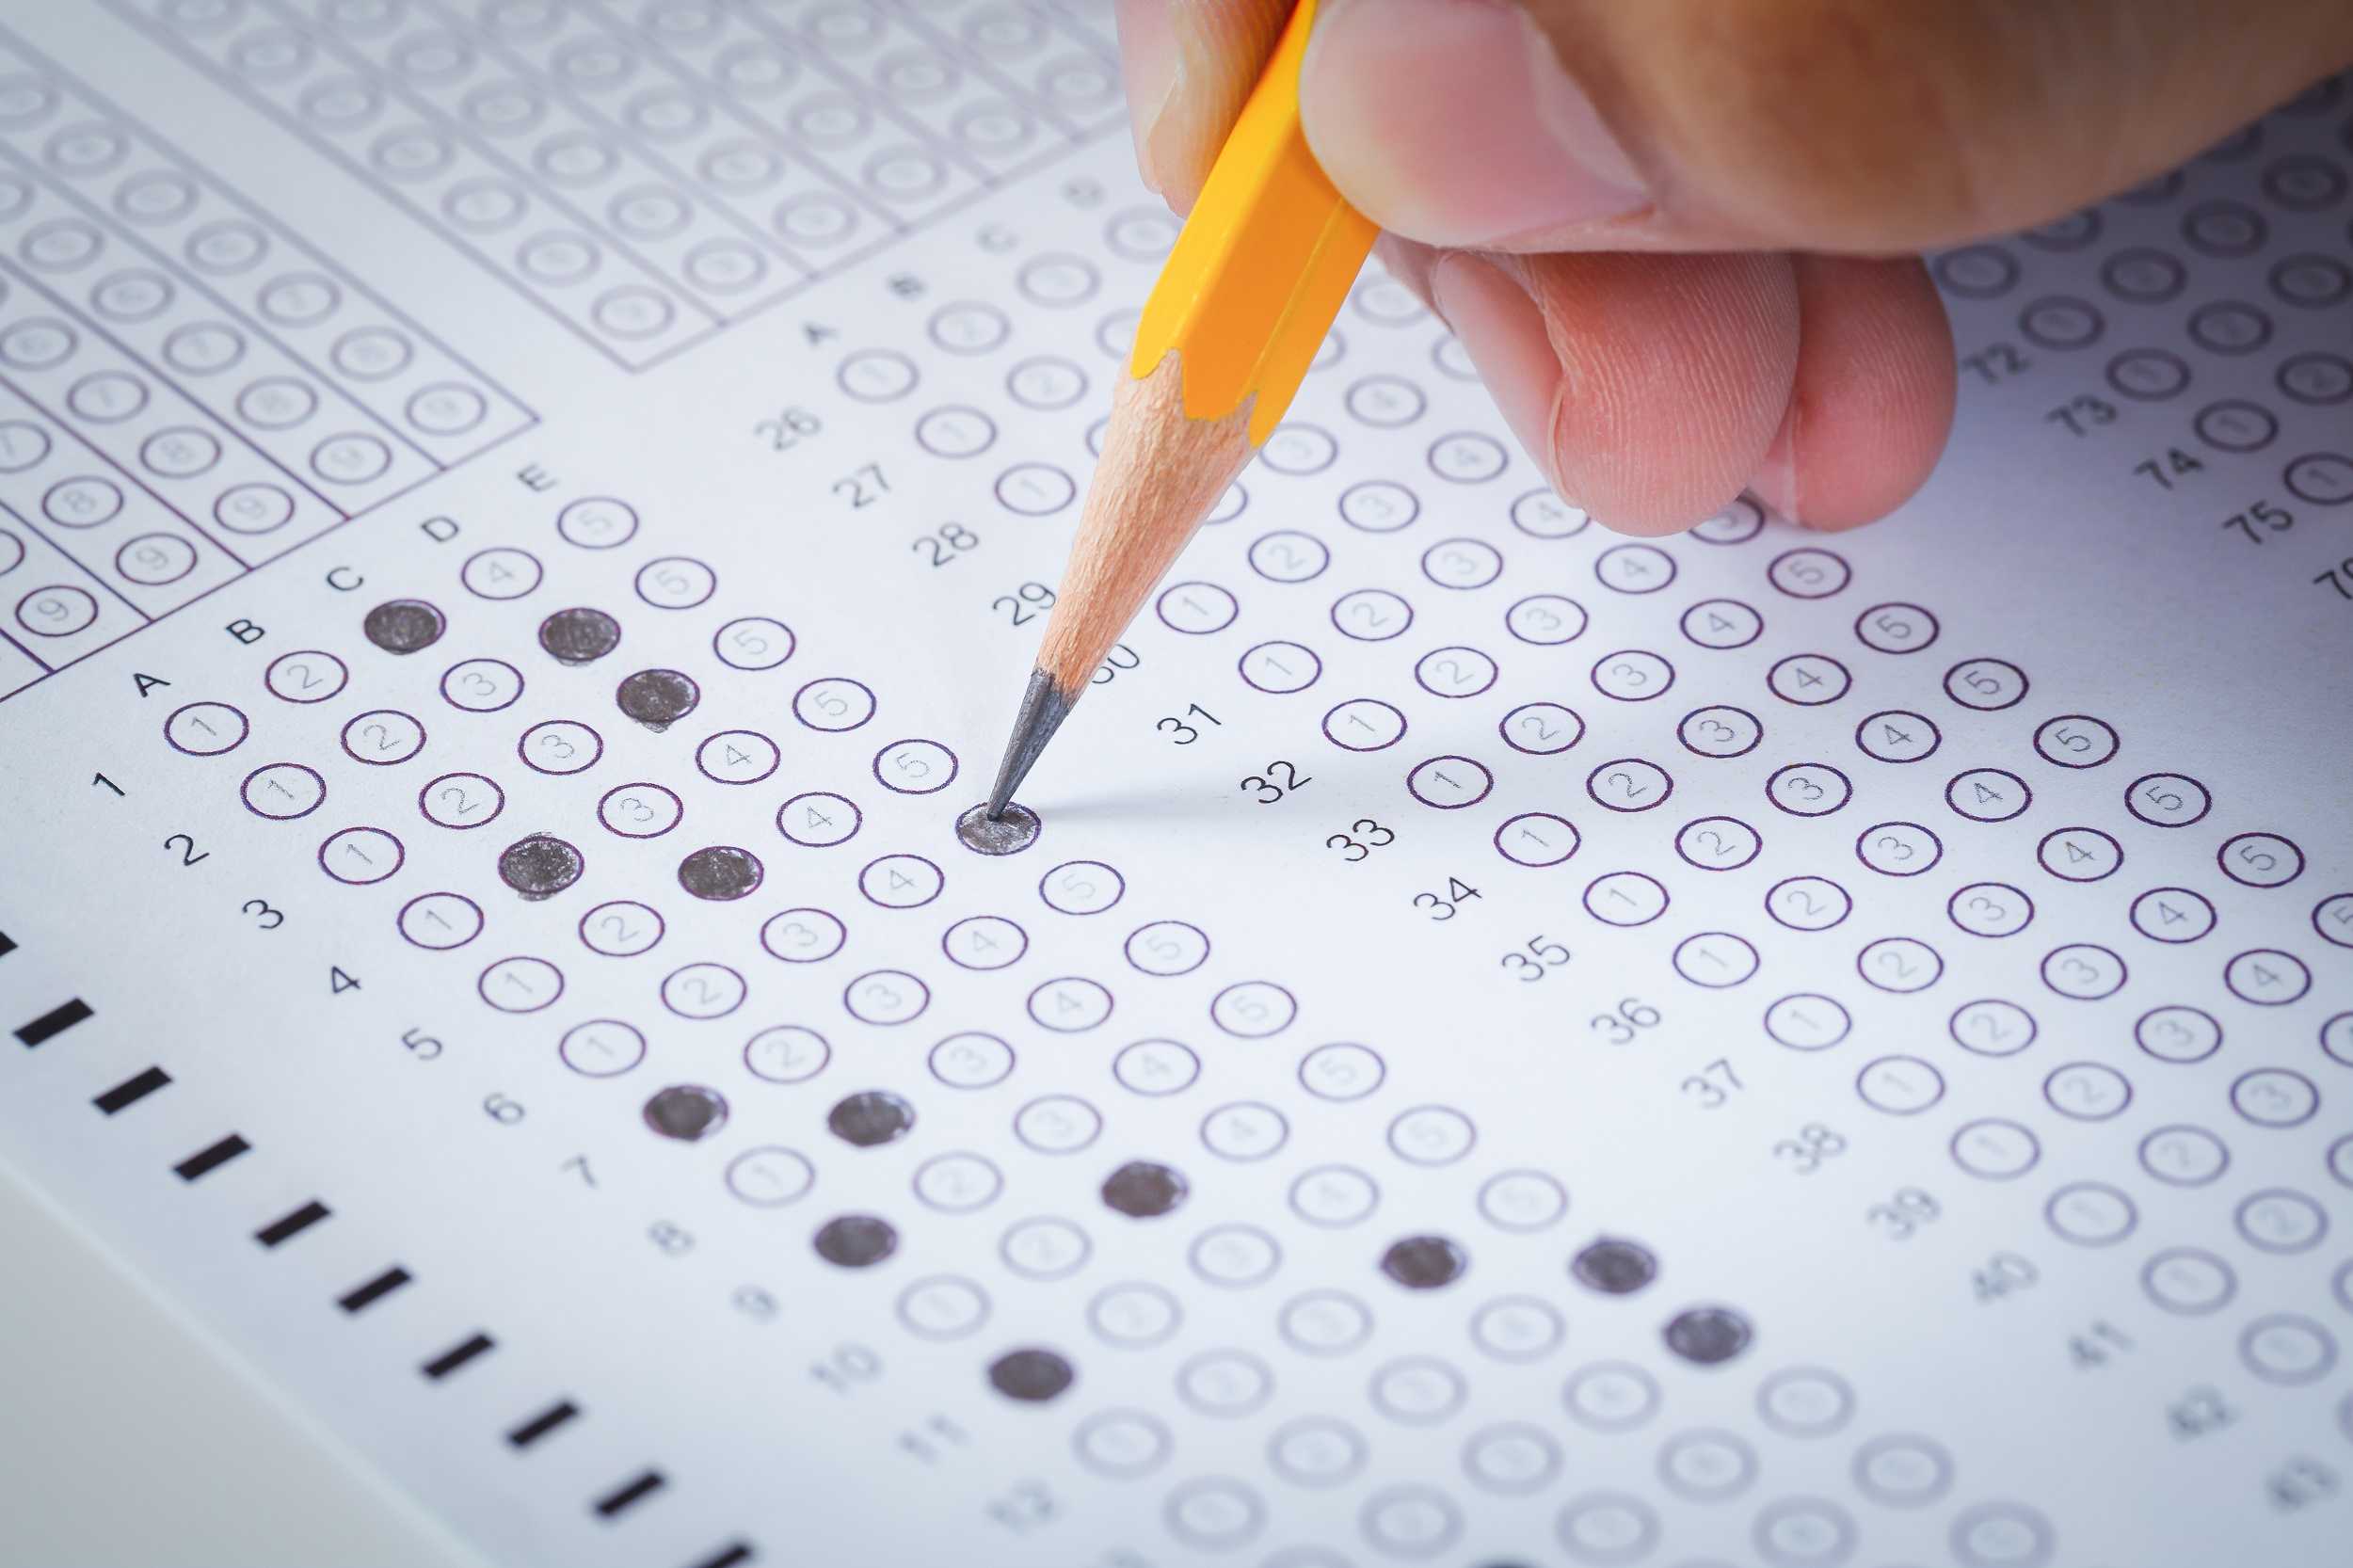 ¿Cómo preparar los exámenes de inglés? Así podrían ayudarnos los ordenadores